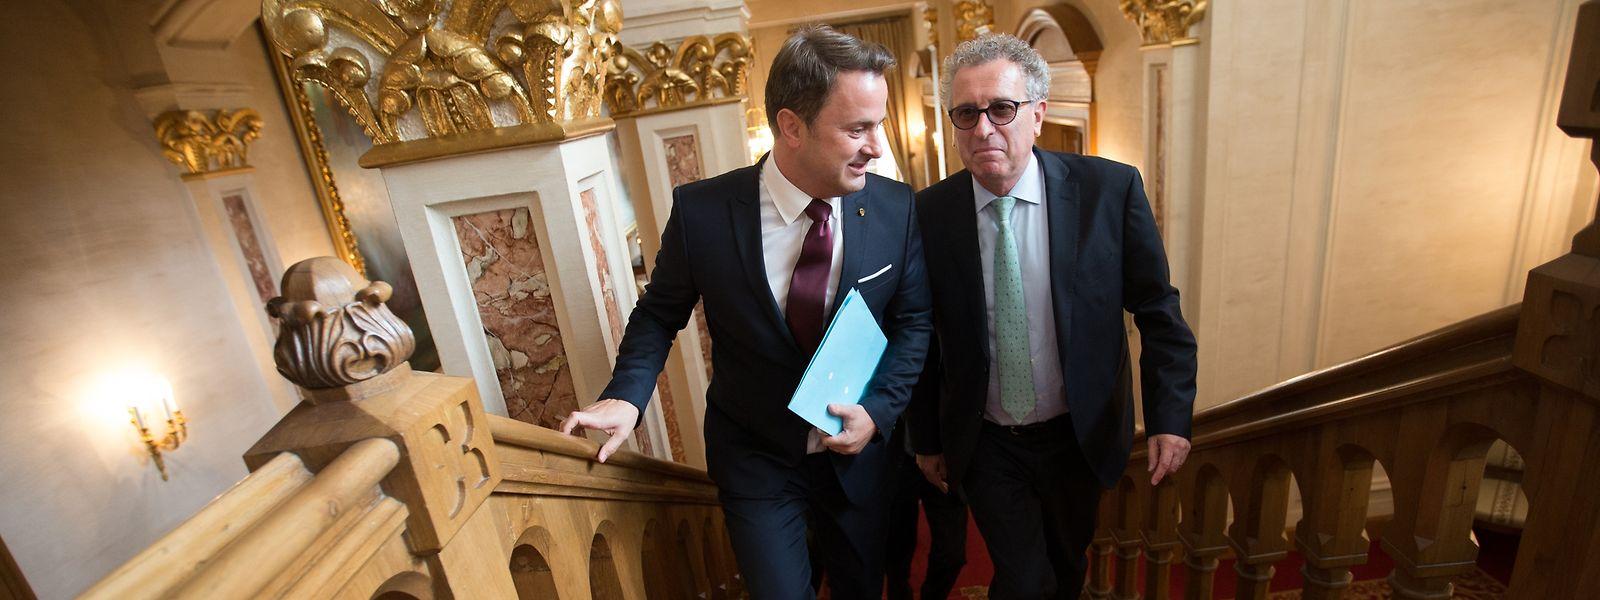 La première loi adoptée par les députés sous la nouvelle coalition est la transposition de la directive européenne contre l'optimisation fiscale